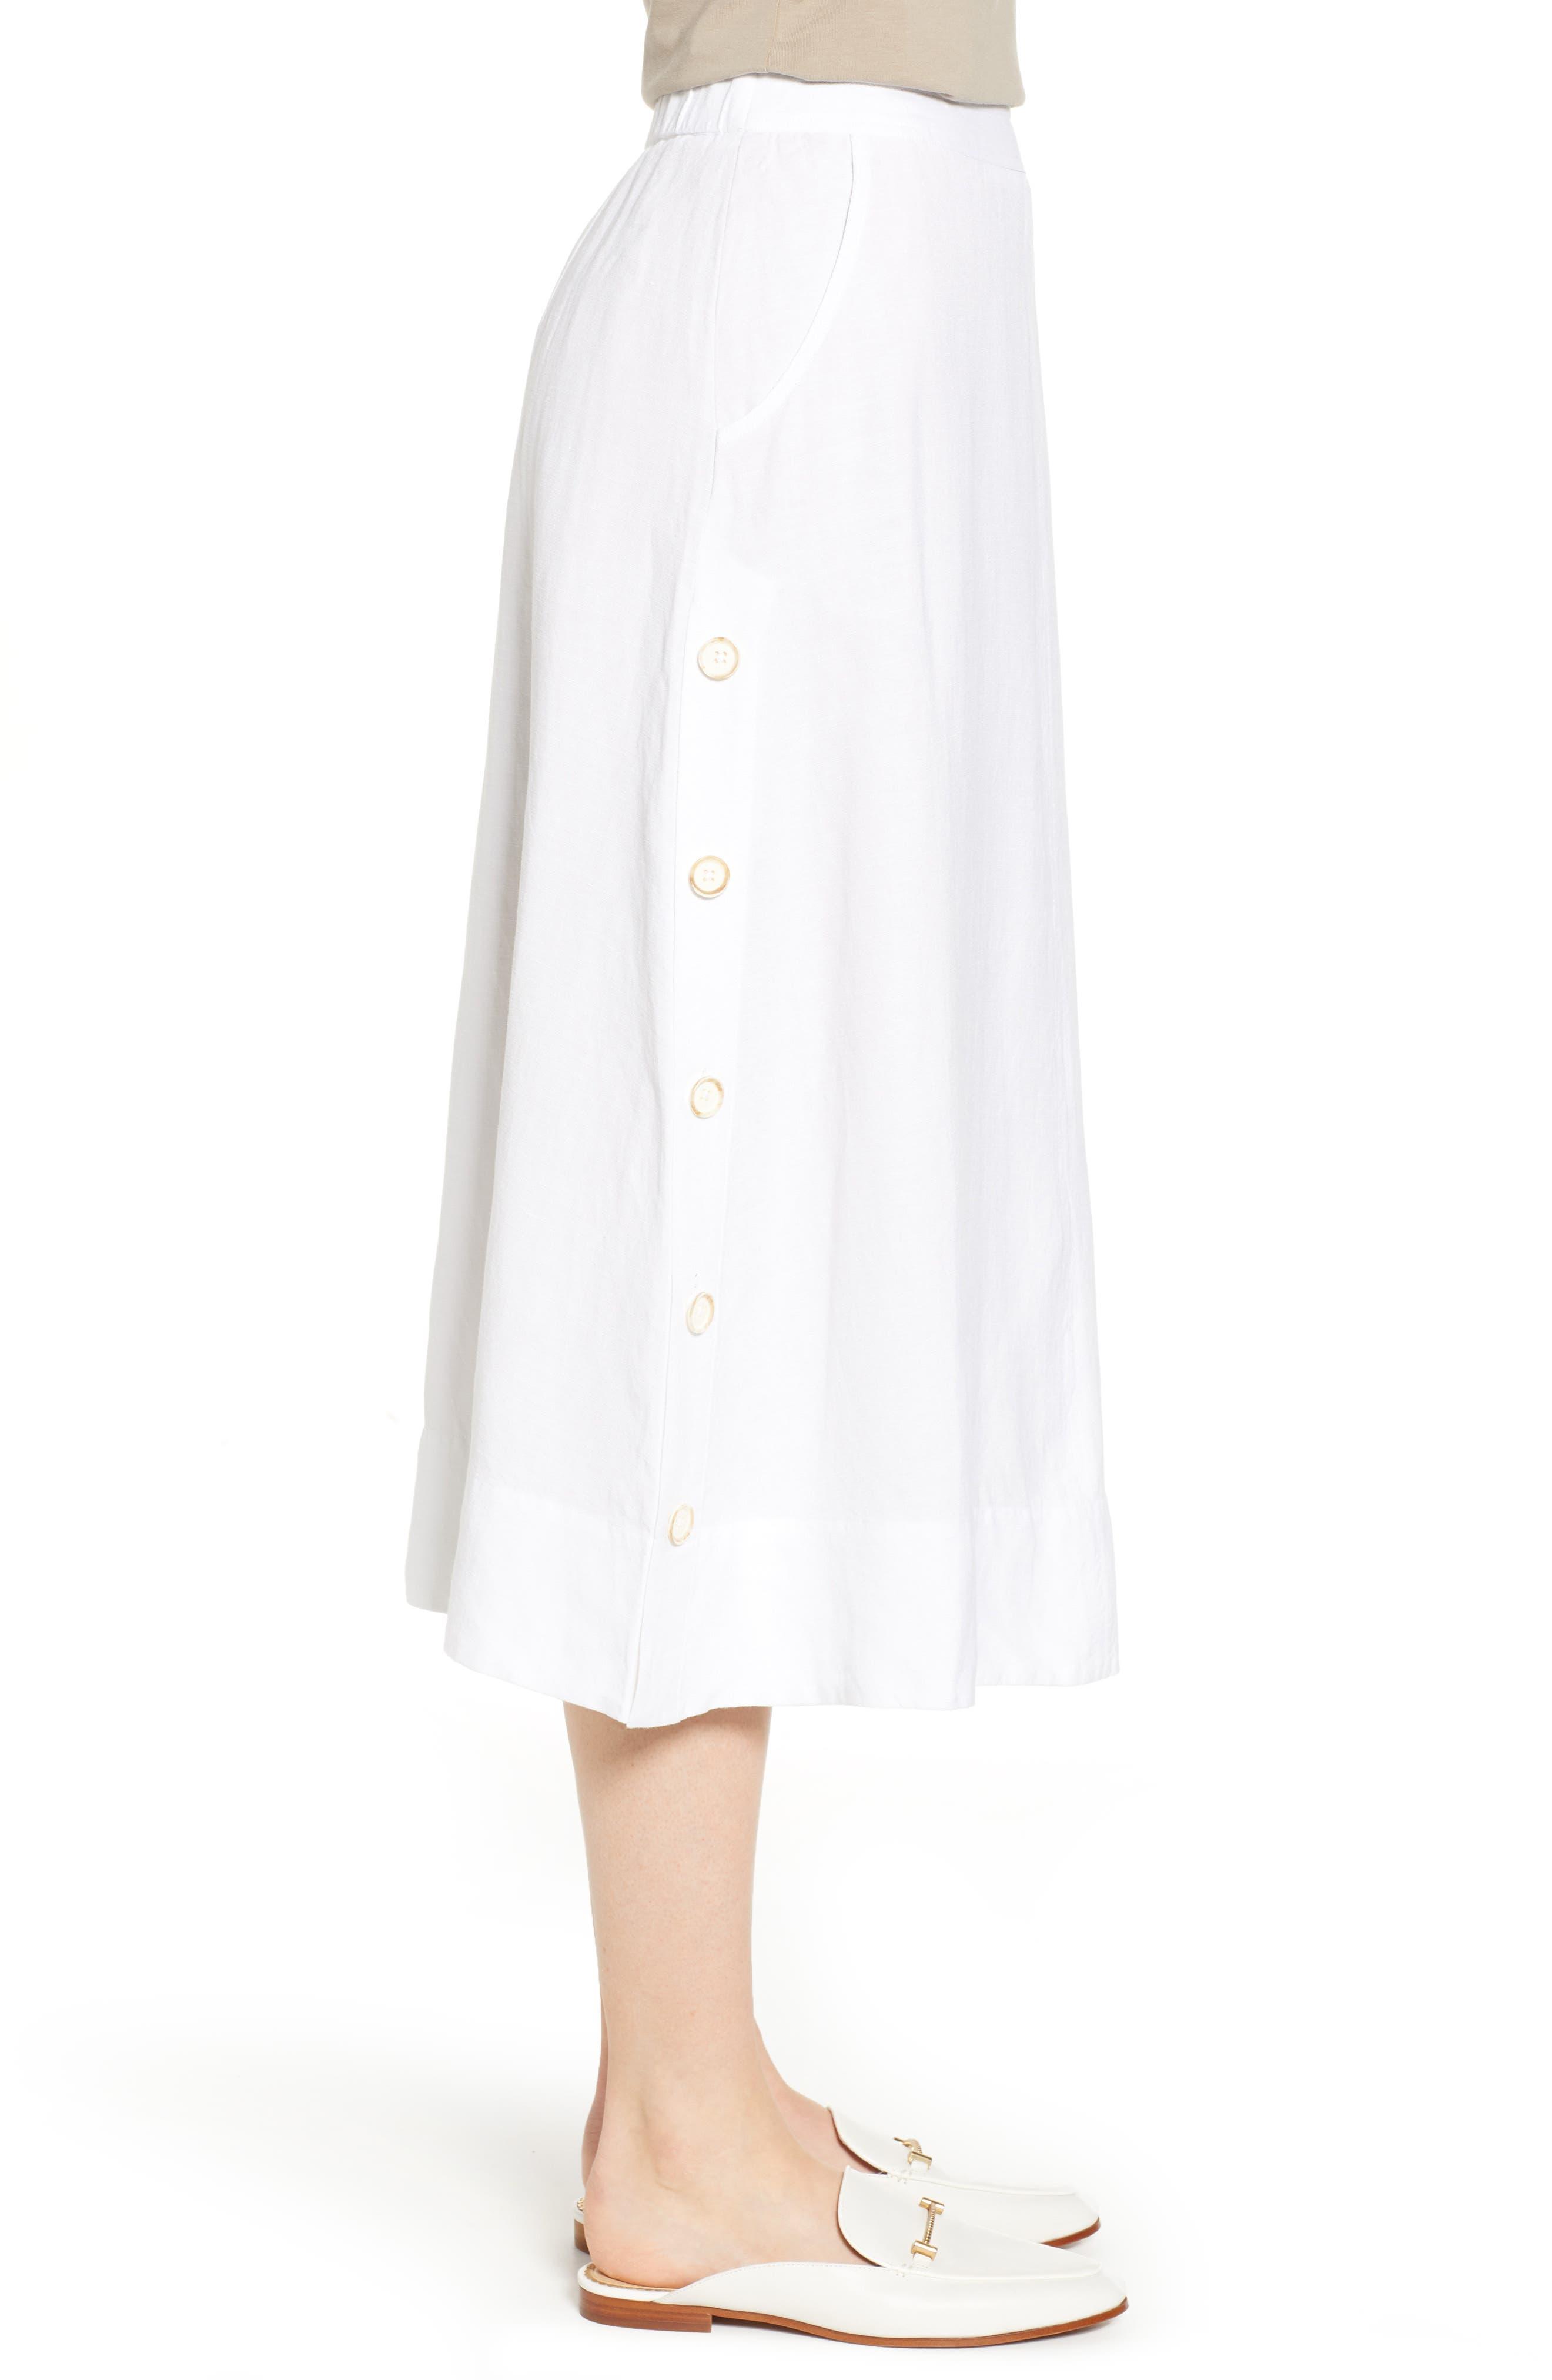 Front Runner Skirt,                             Alternate thumbnail 3, color,                             PAPER WHITE